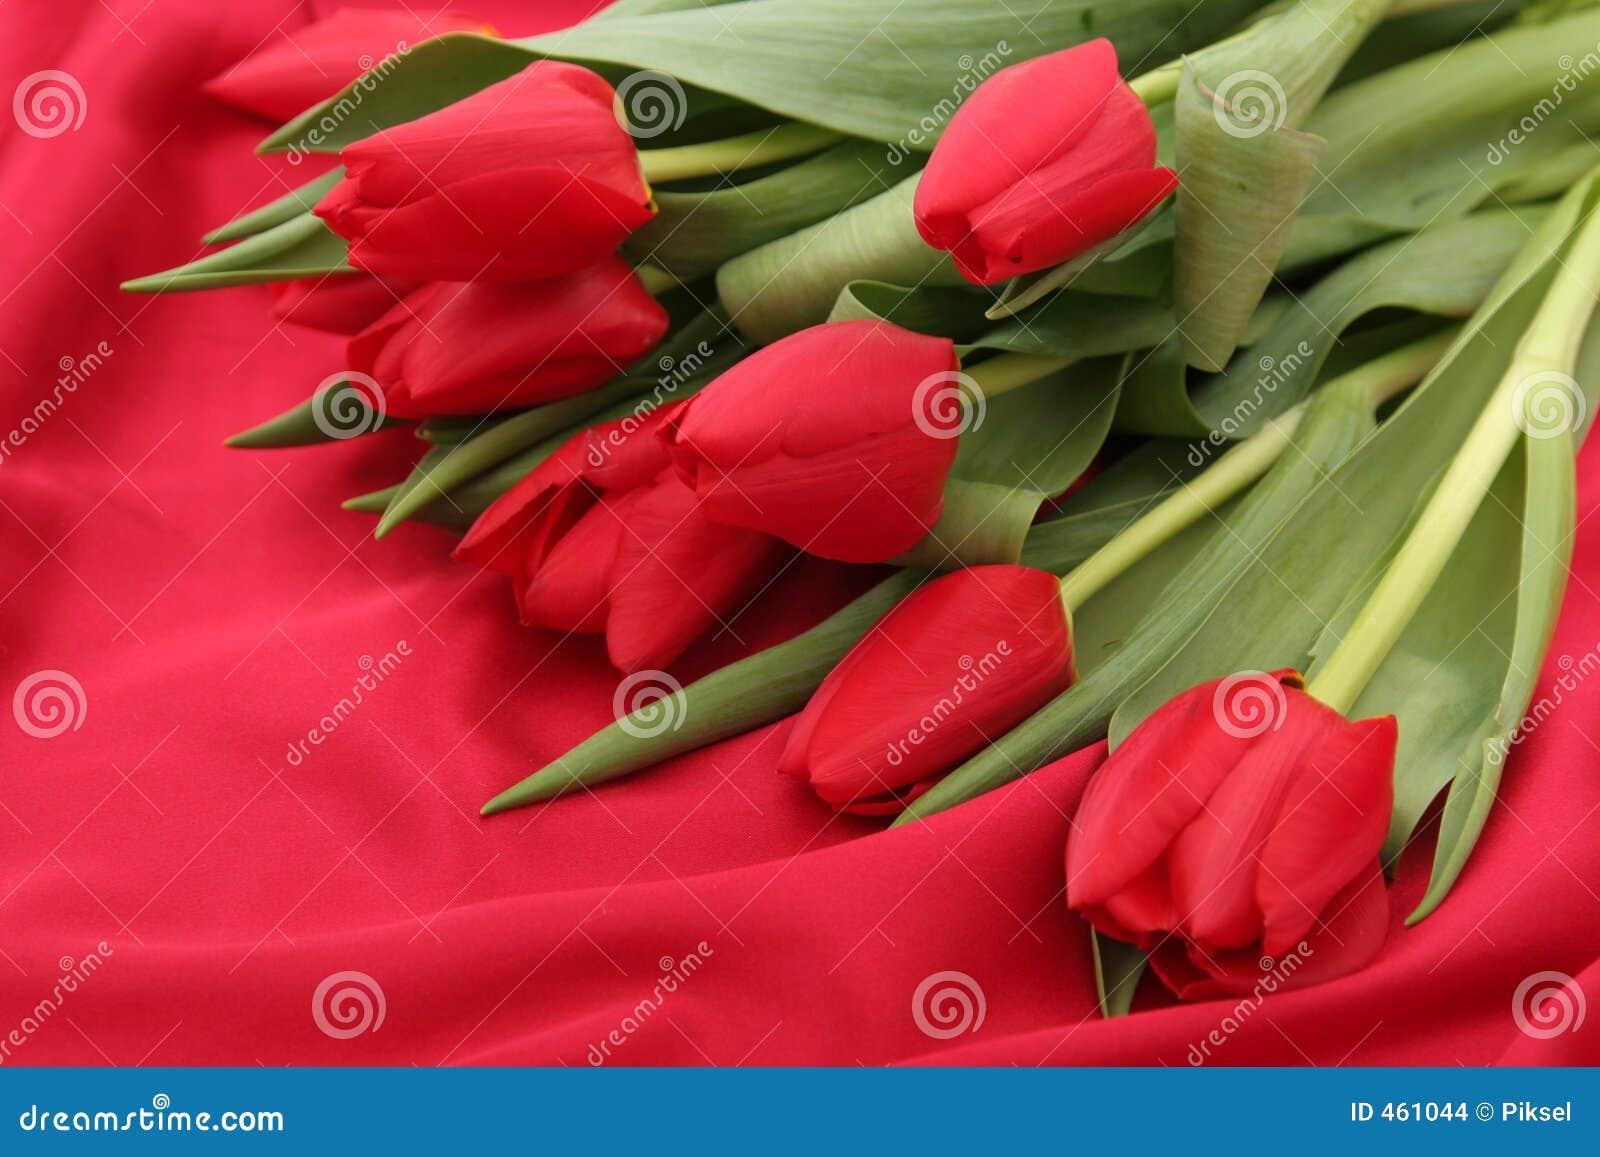 Tulips on Satin